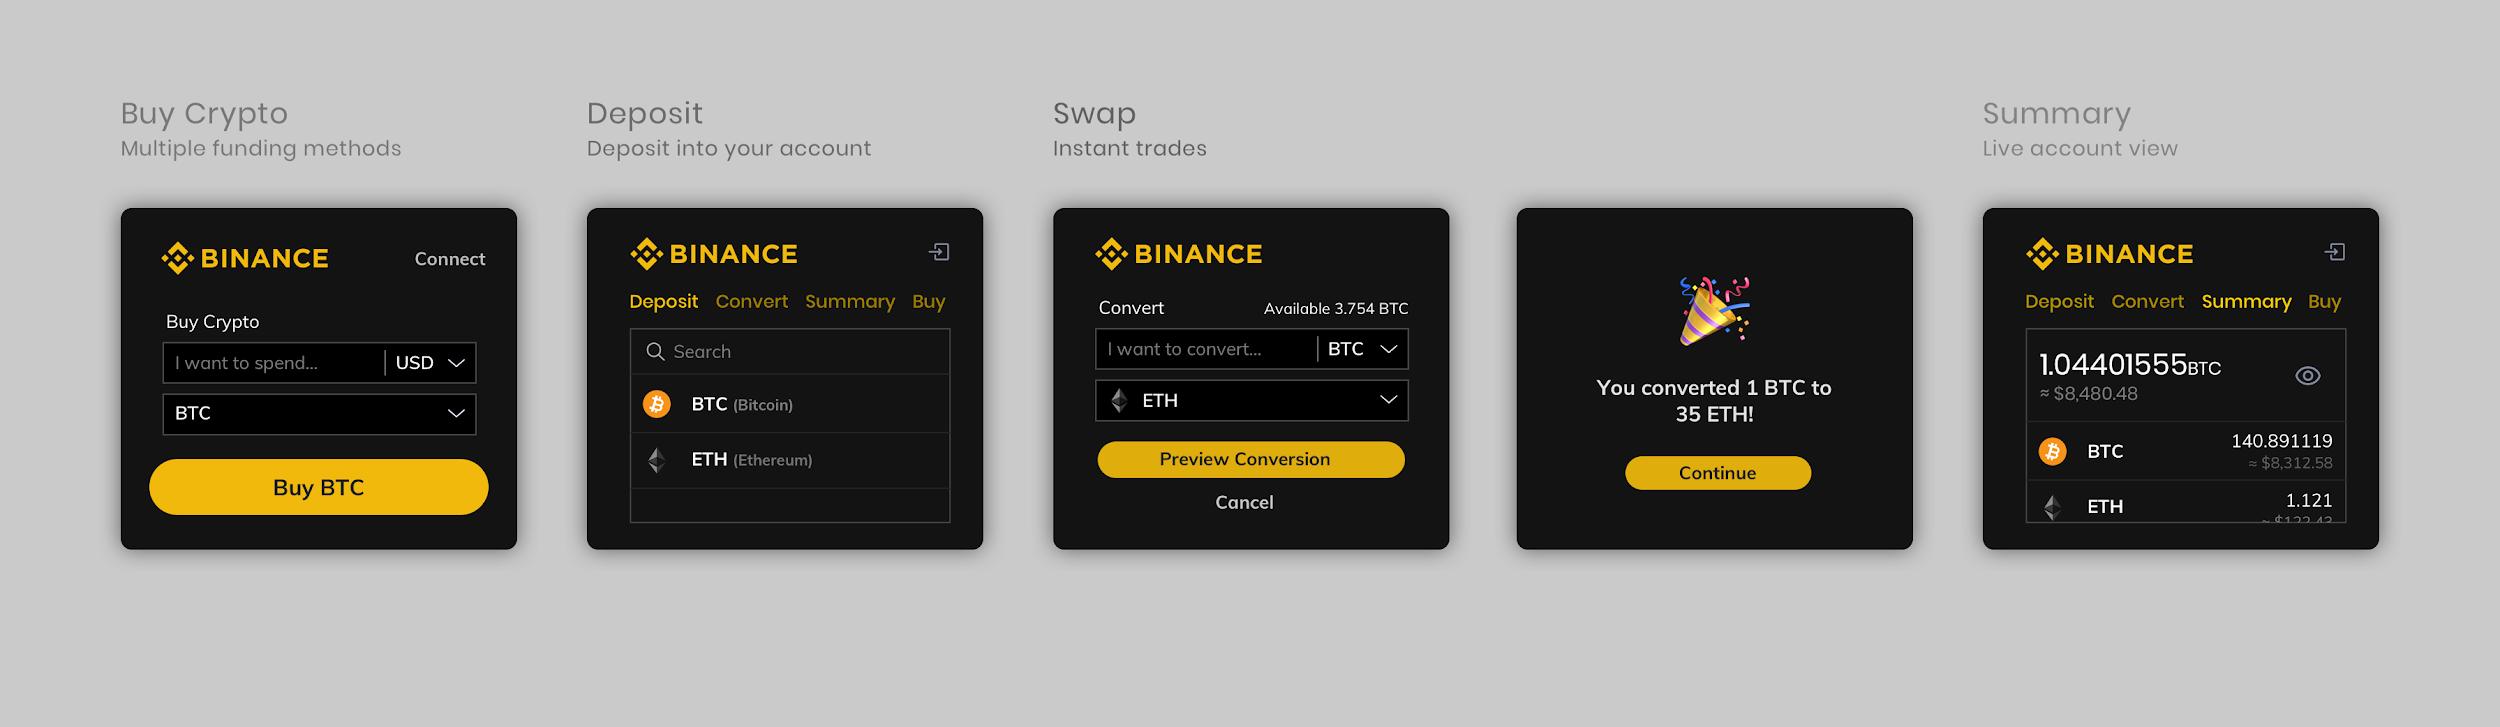 scrypt bitcoin btc betfair prekybos bendruomenė